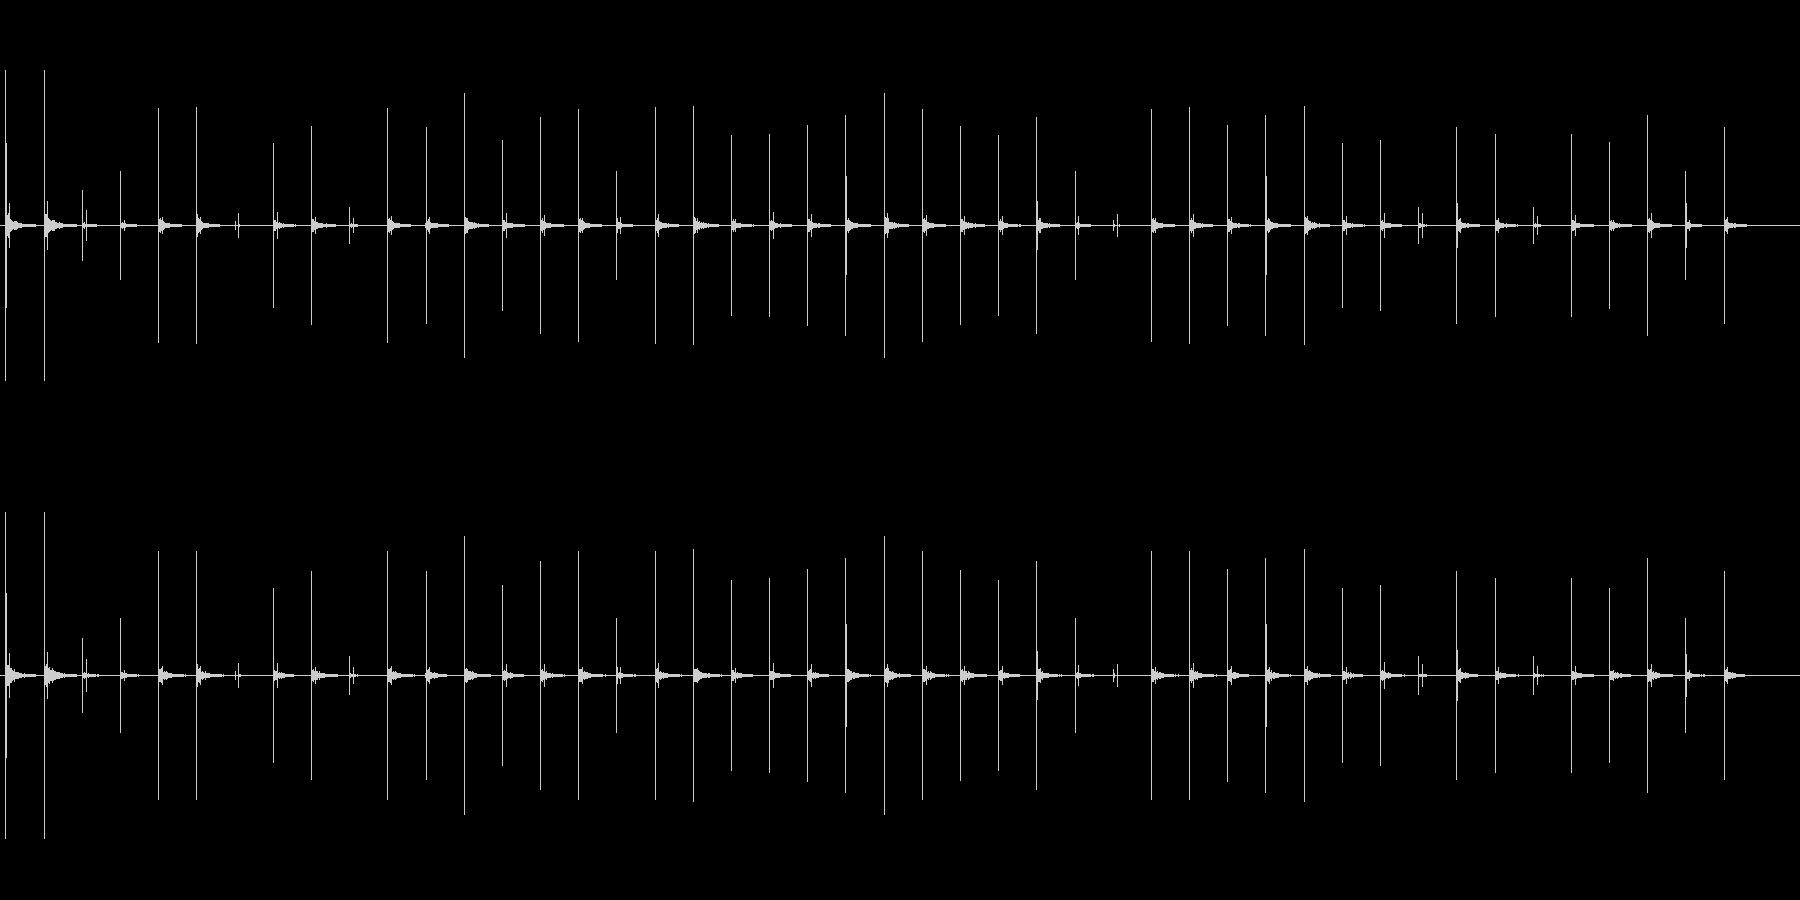 反響音のある、ハイヒールで恐る恐る歩く音の未再生の波形